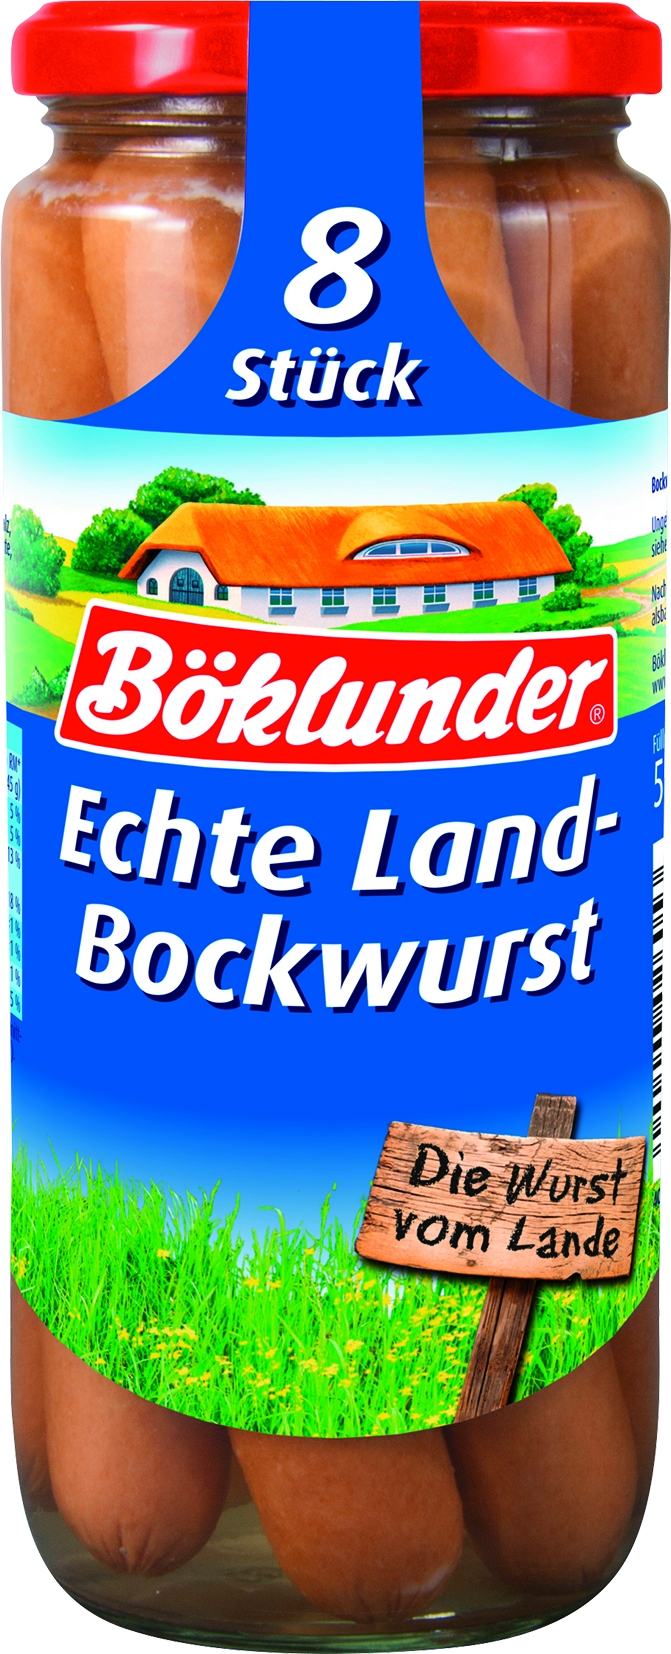 Landbockwurst in Eigenhaut 8 St= 360 gr